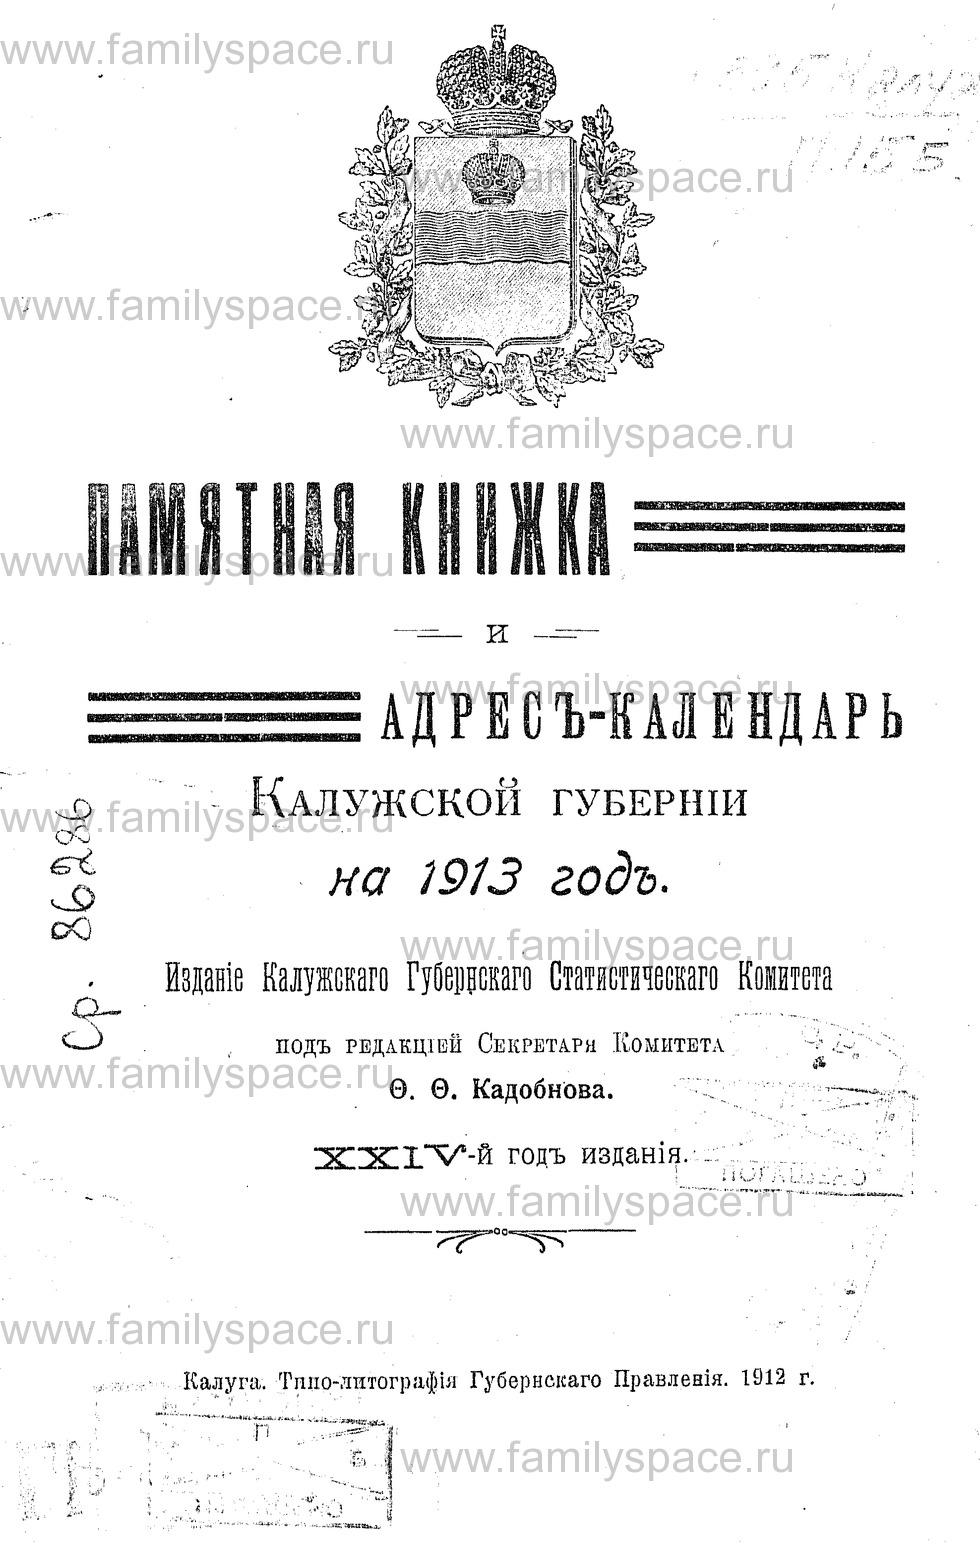 Поиск по фамилии - Памятная книжка и адрес-календарь Калужской губернии на 1913 г, страница 1